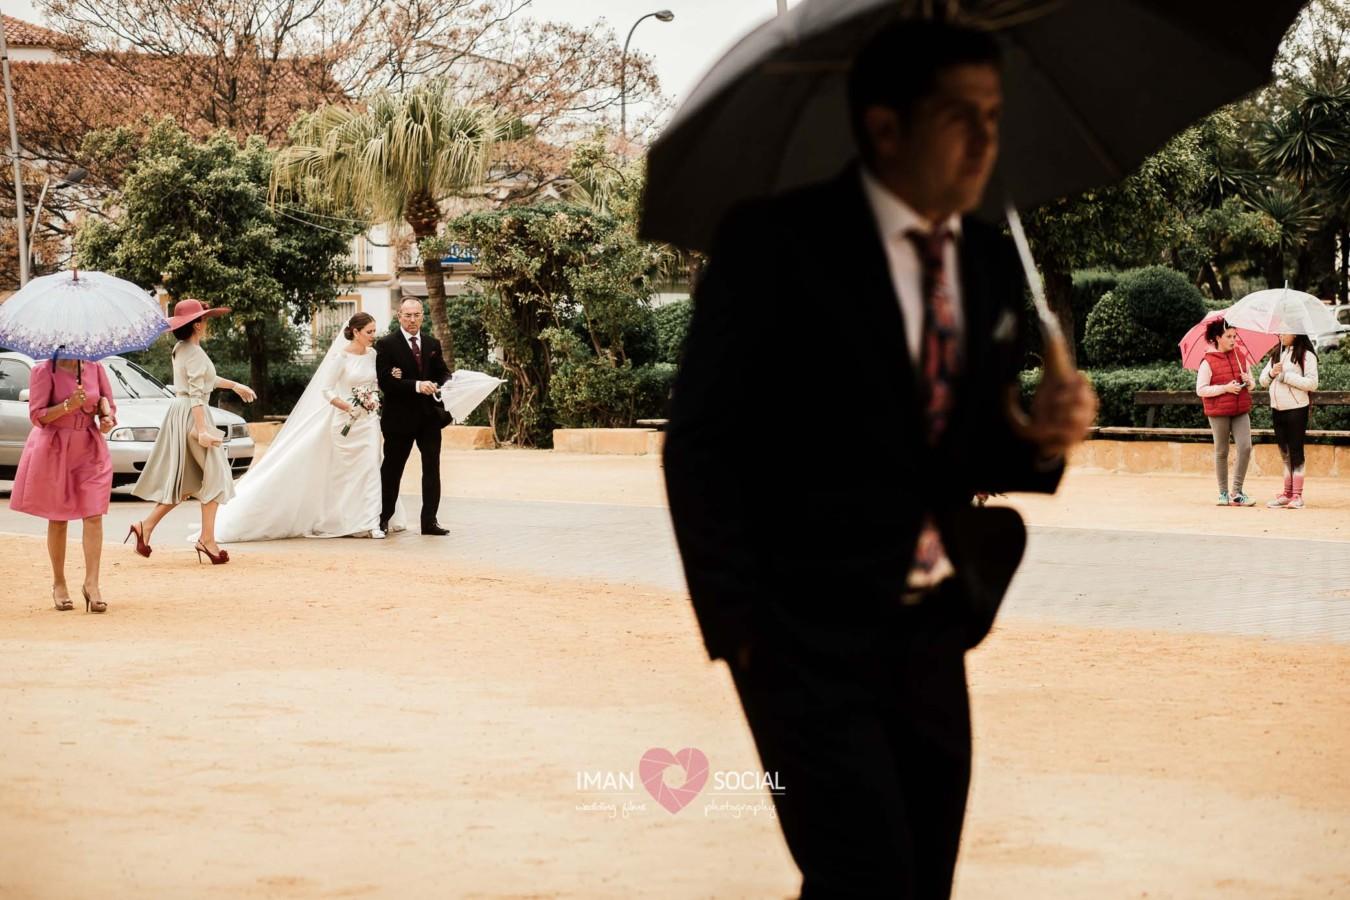 fotografo-de-boda-en-cordoba-sevilla-posadas-boda-auxi-y-antonio-24 Auxi & Antonio, primera boda de la temporada - video boda cordoba